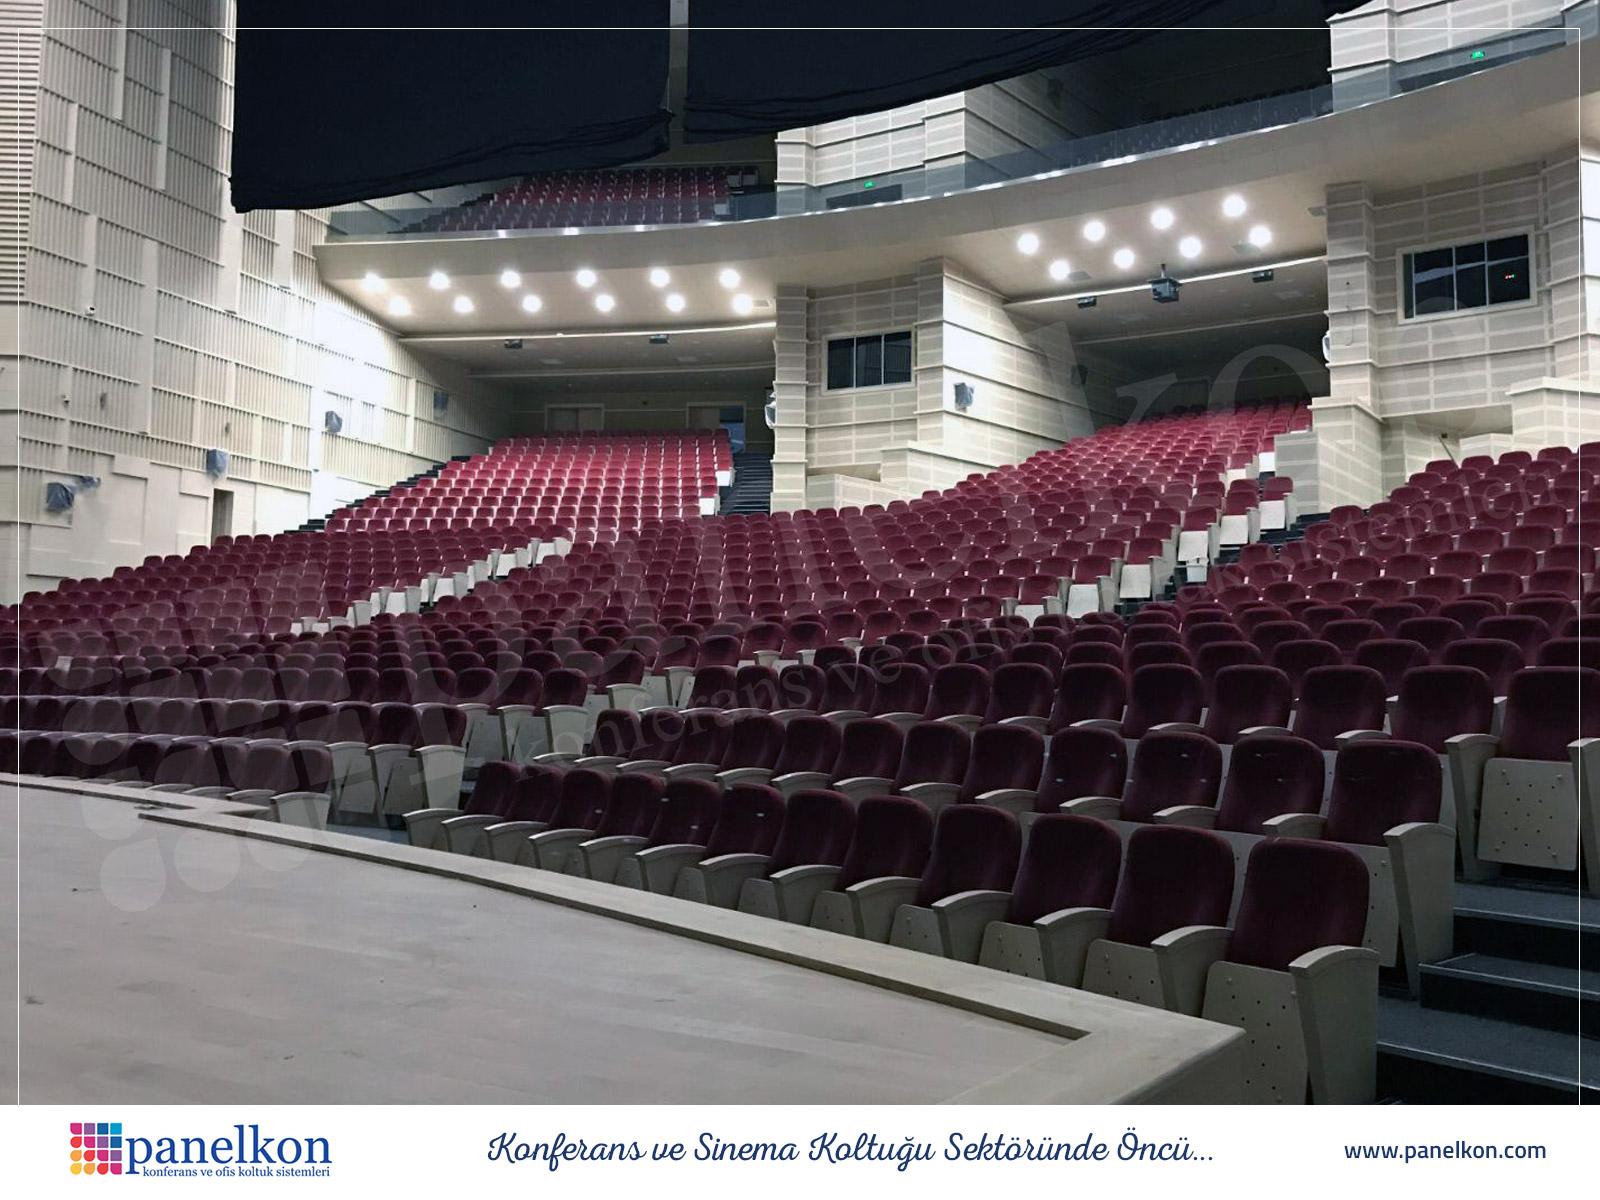 kayseri-kültür-merkezi-konferans-salonu-koltuklari-1